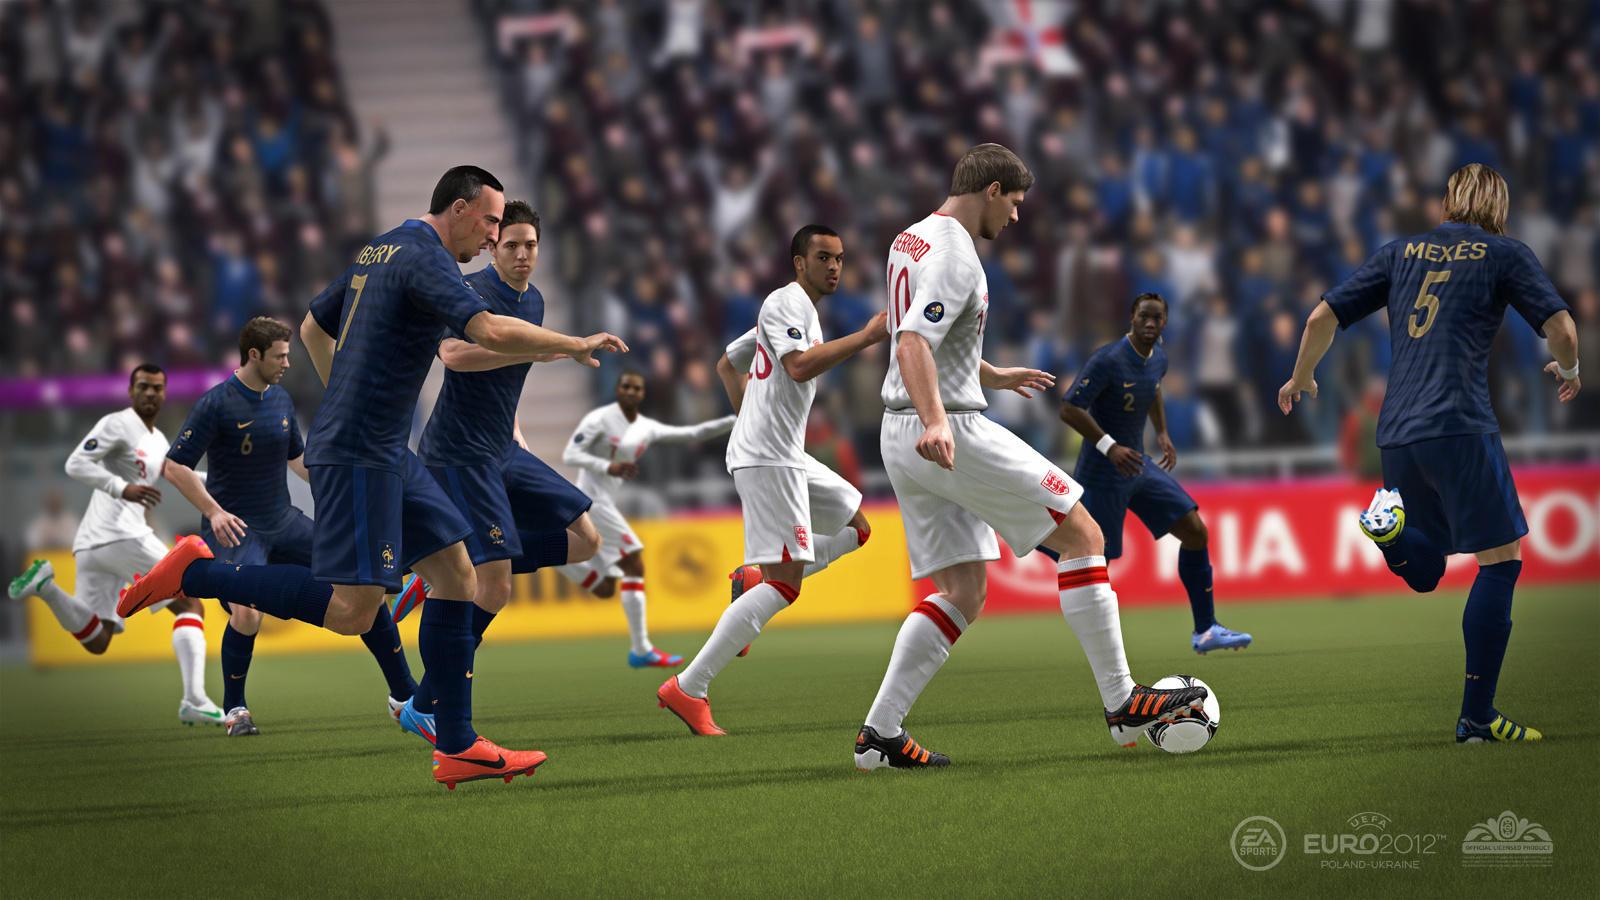 UEFA EURO 2012 (2012) (Xbox 360, PS3 e PC) | Capa: nenhum | Narração e comentários: Clive Tyldesley e Andy Townsend